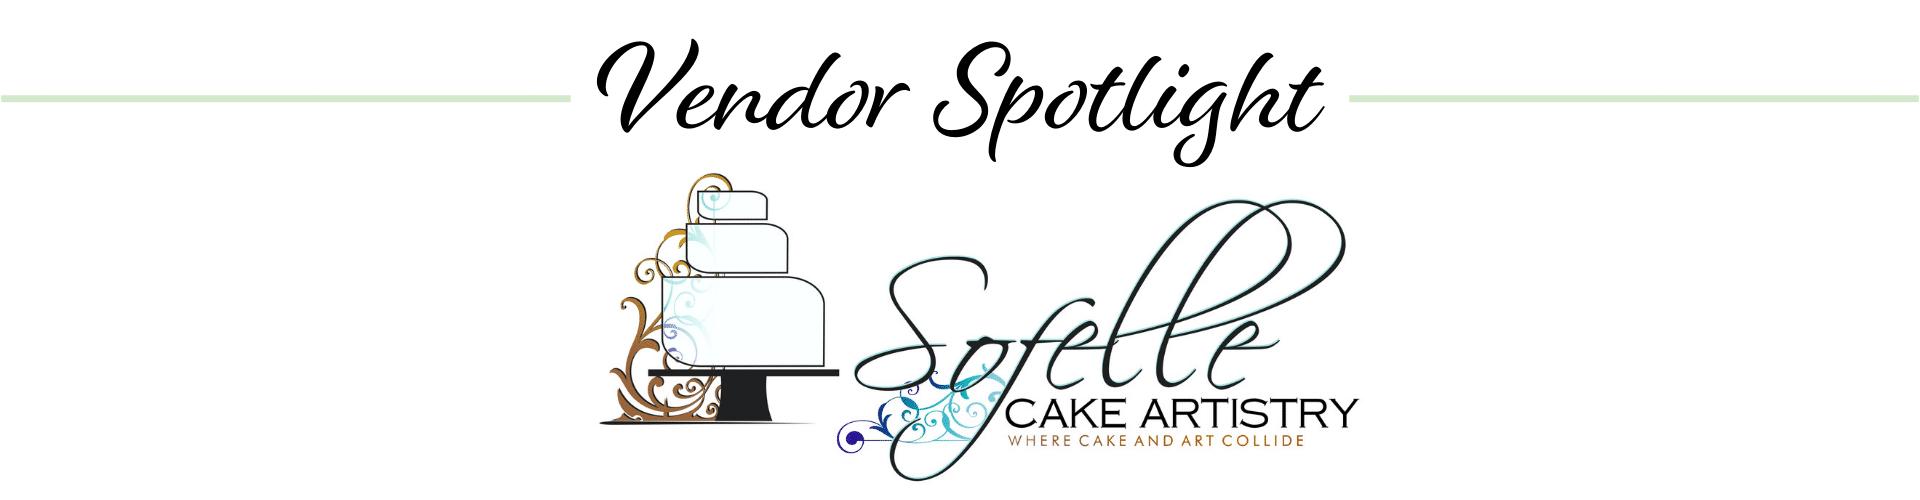 Sofelle Cake Artistry logo